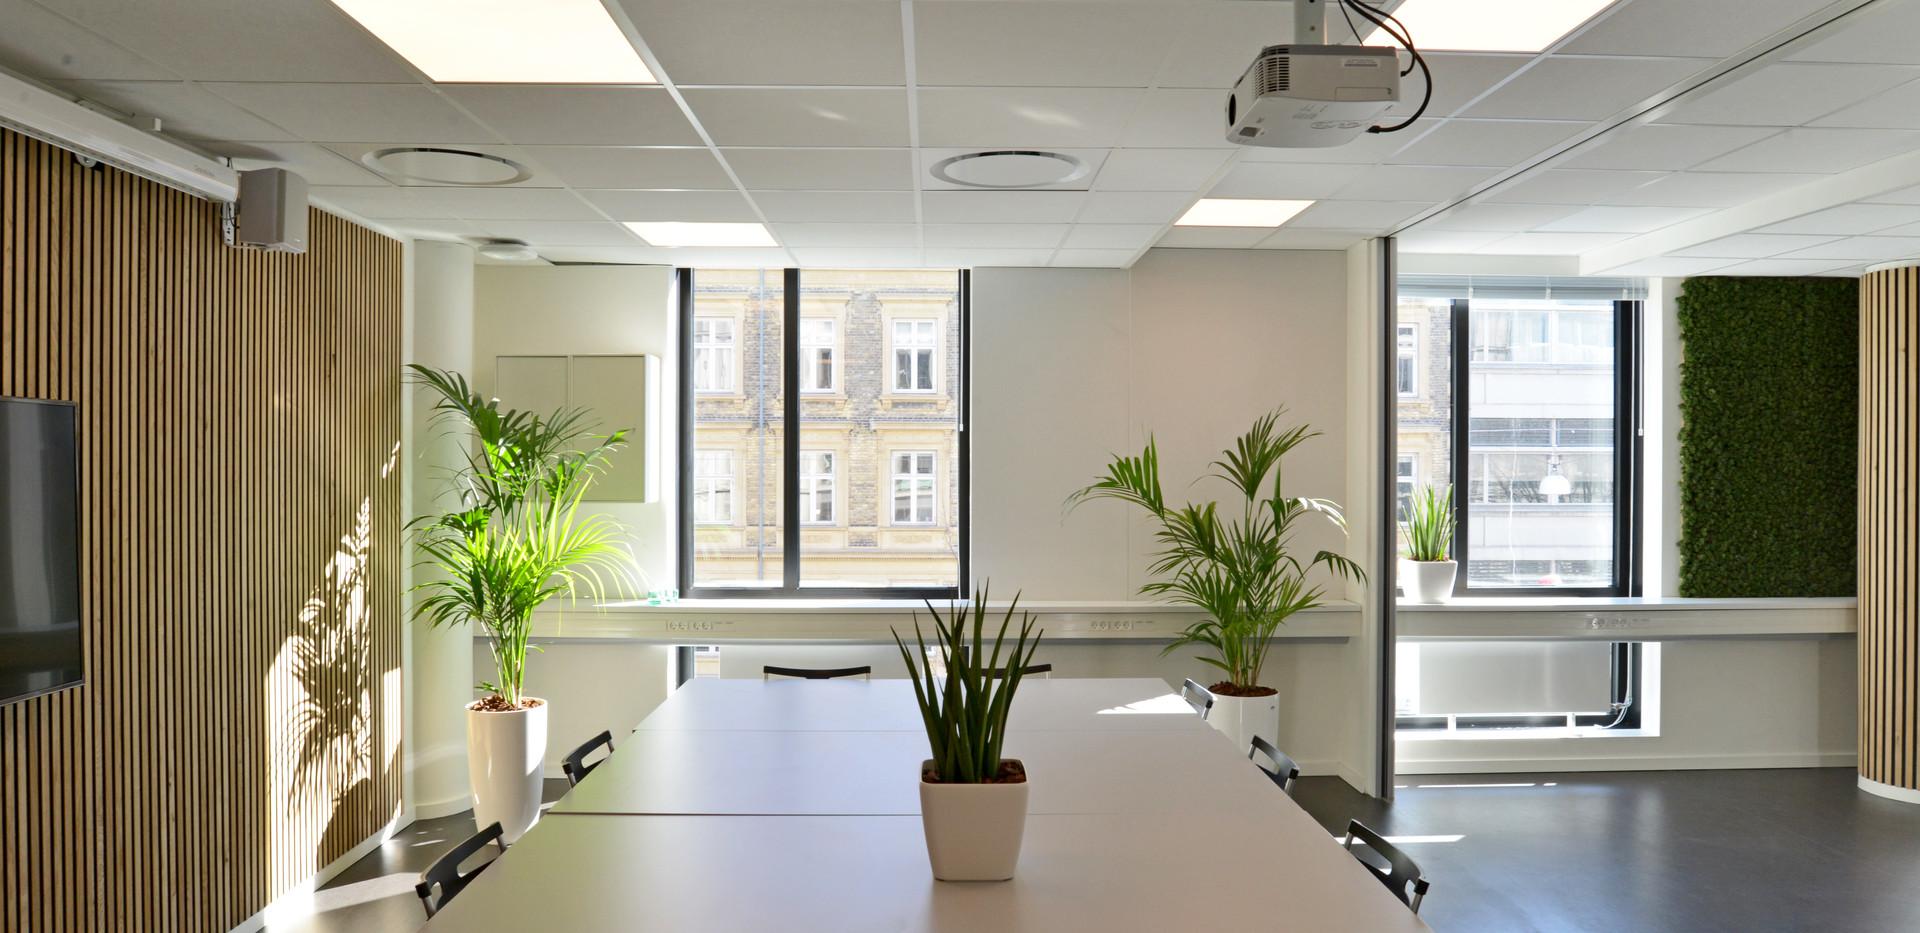 Akustikløsningen i det føreste møderum, når der er åbent til alle tre mødelokaler